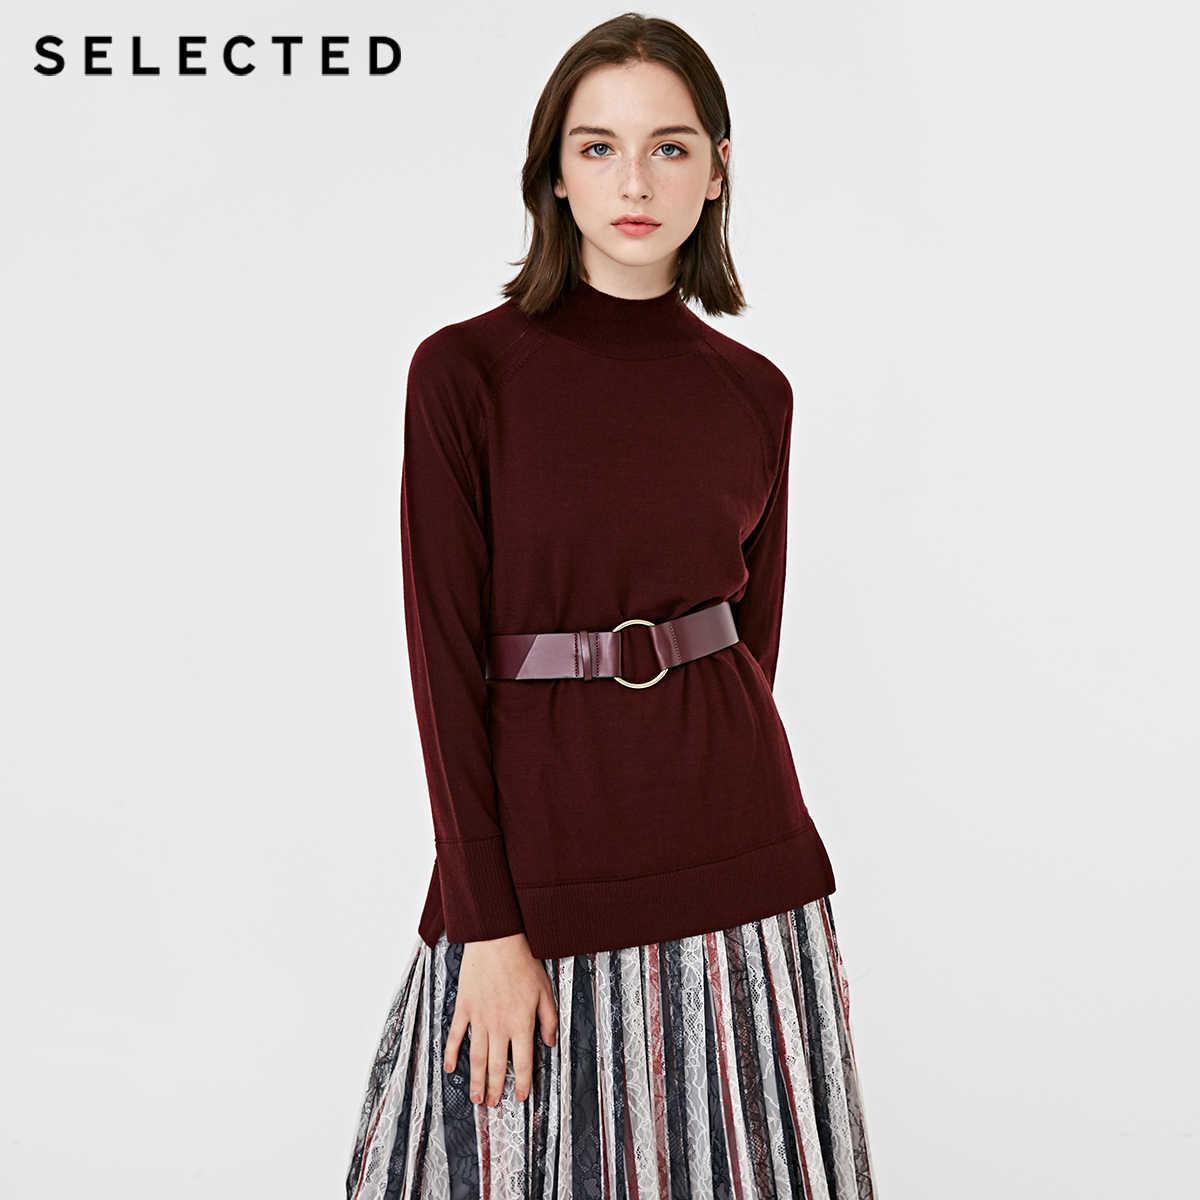 Выбранный новый стиль женский Итальянский мериносовой шерсти свитер SIG   418424516